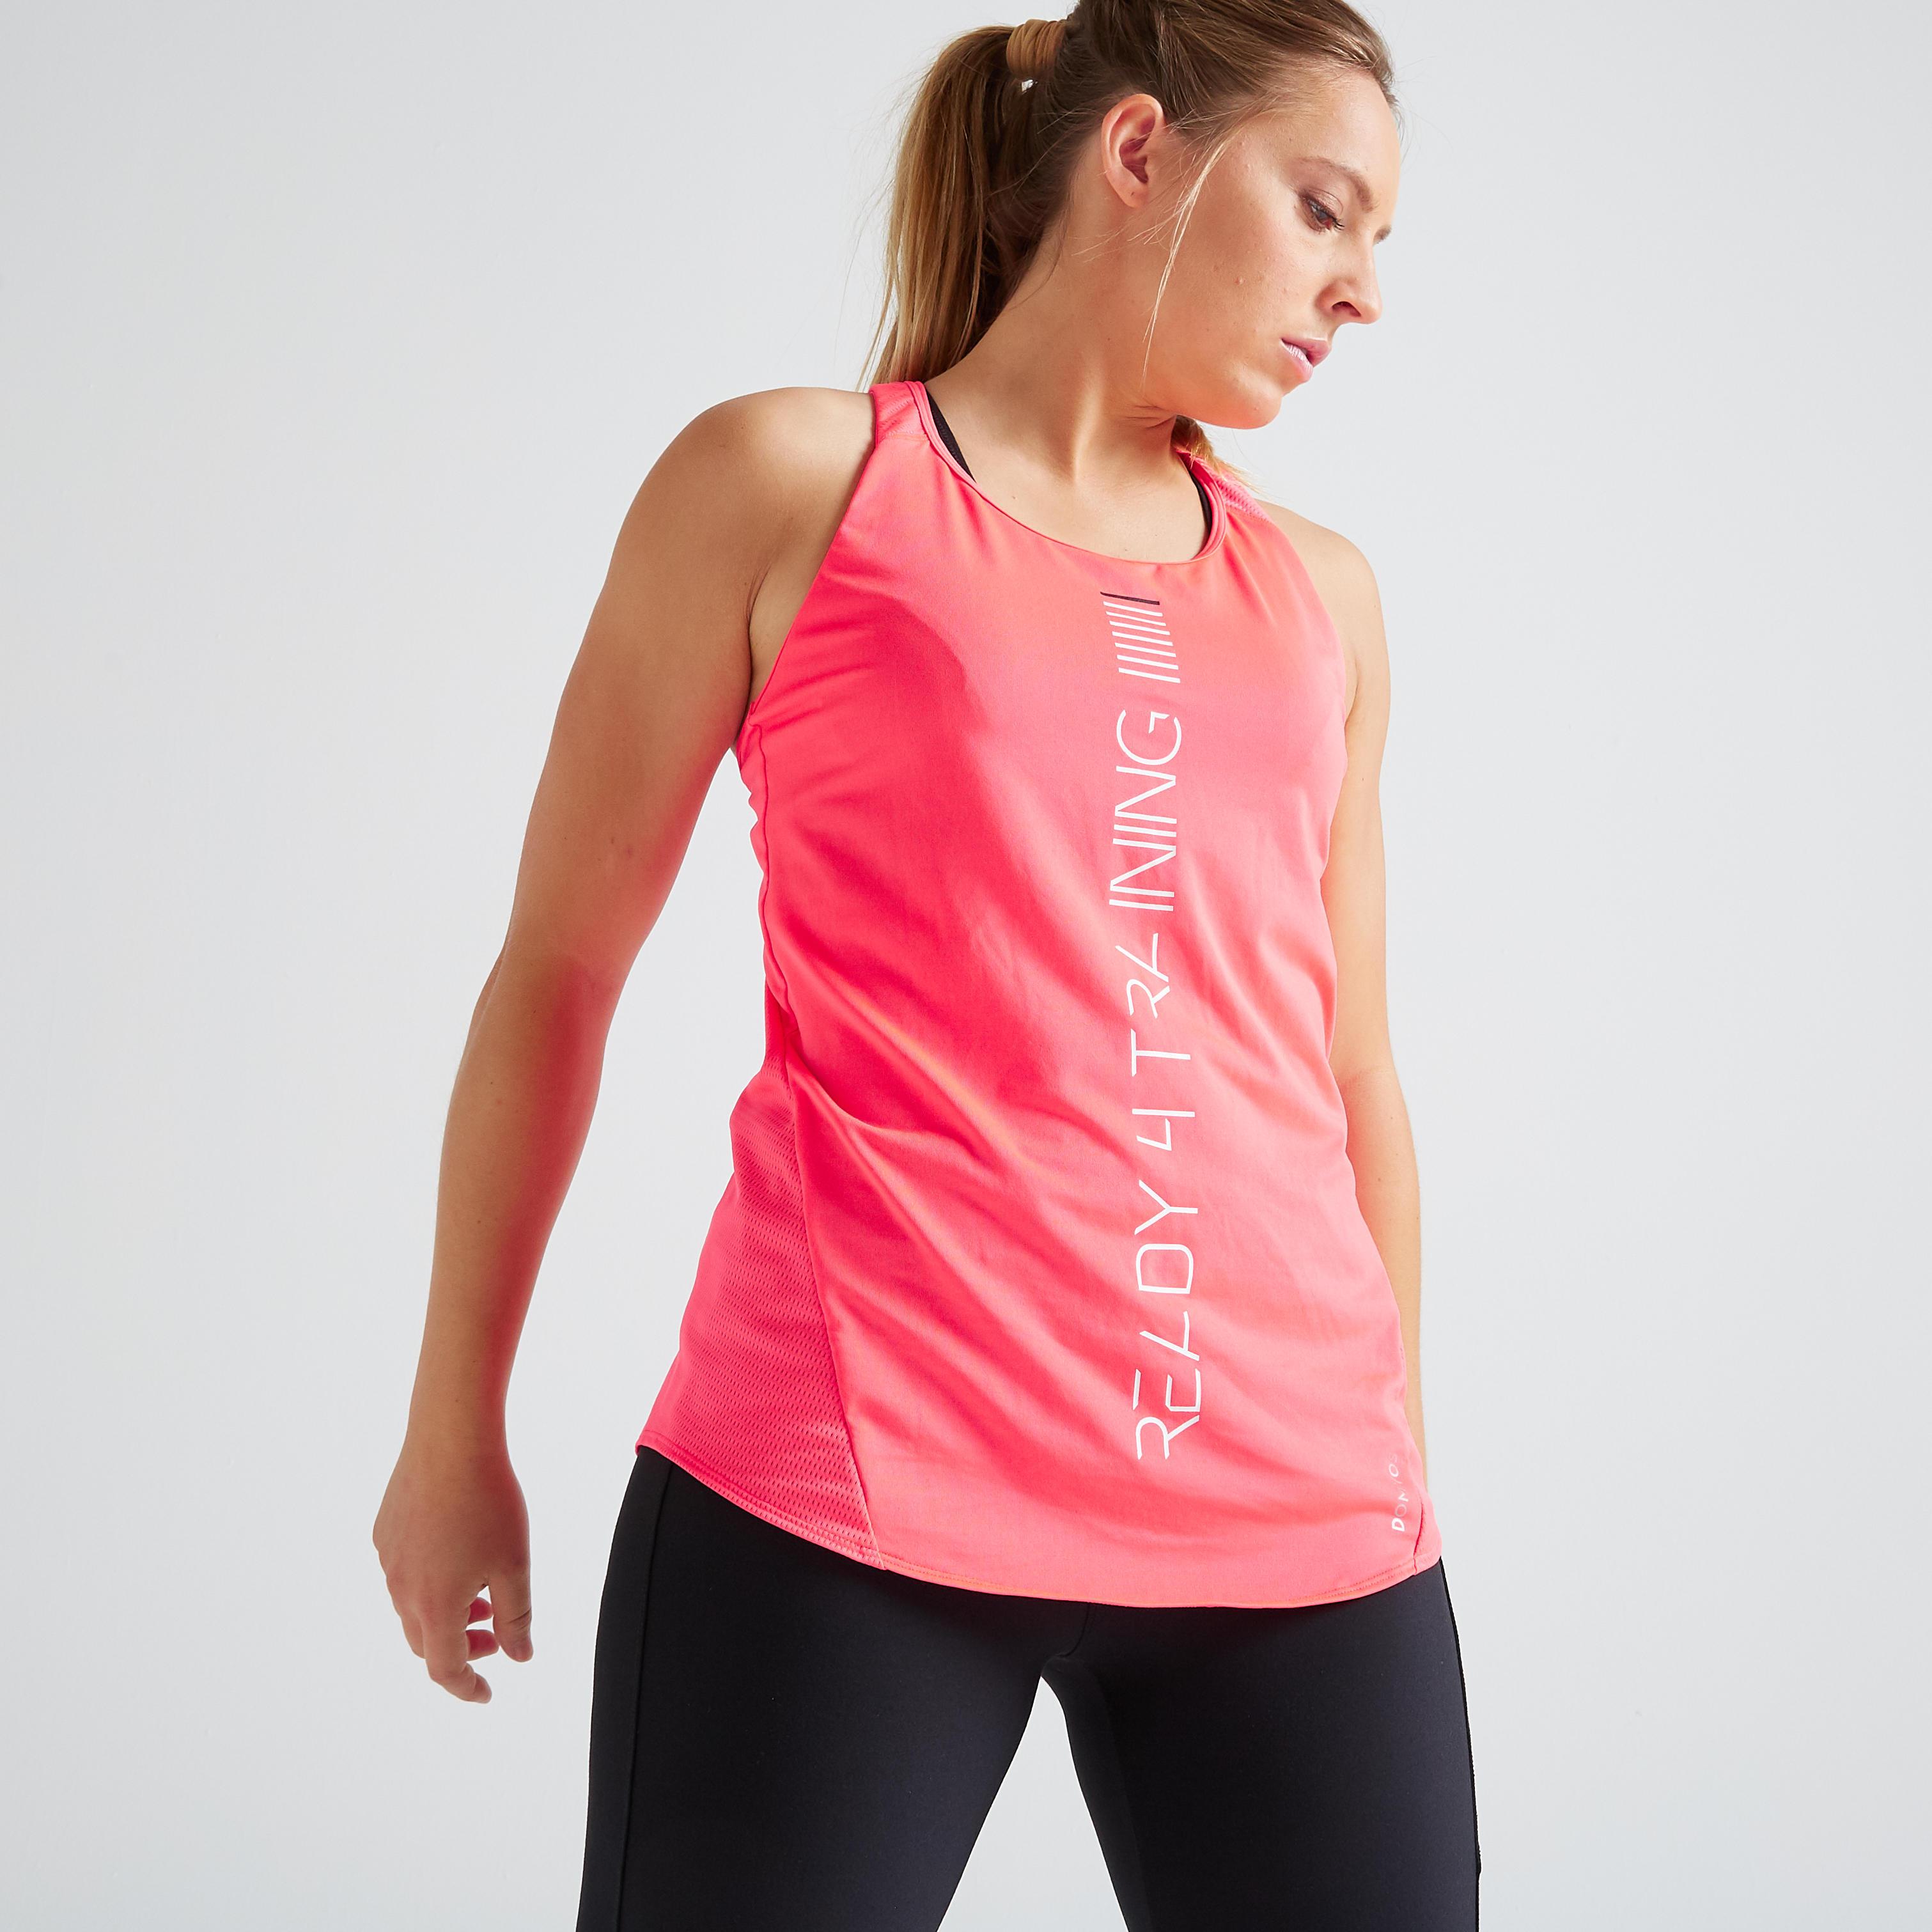 P3 PRO 2 de Poids Fitness Résistance bretelles Trainer Work Out couleur rose